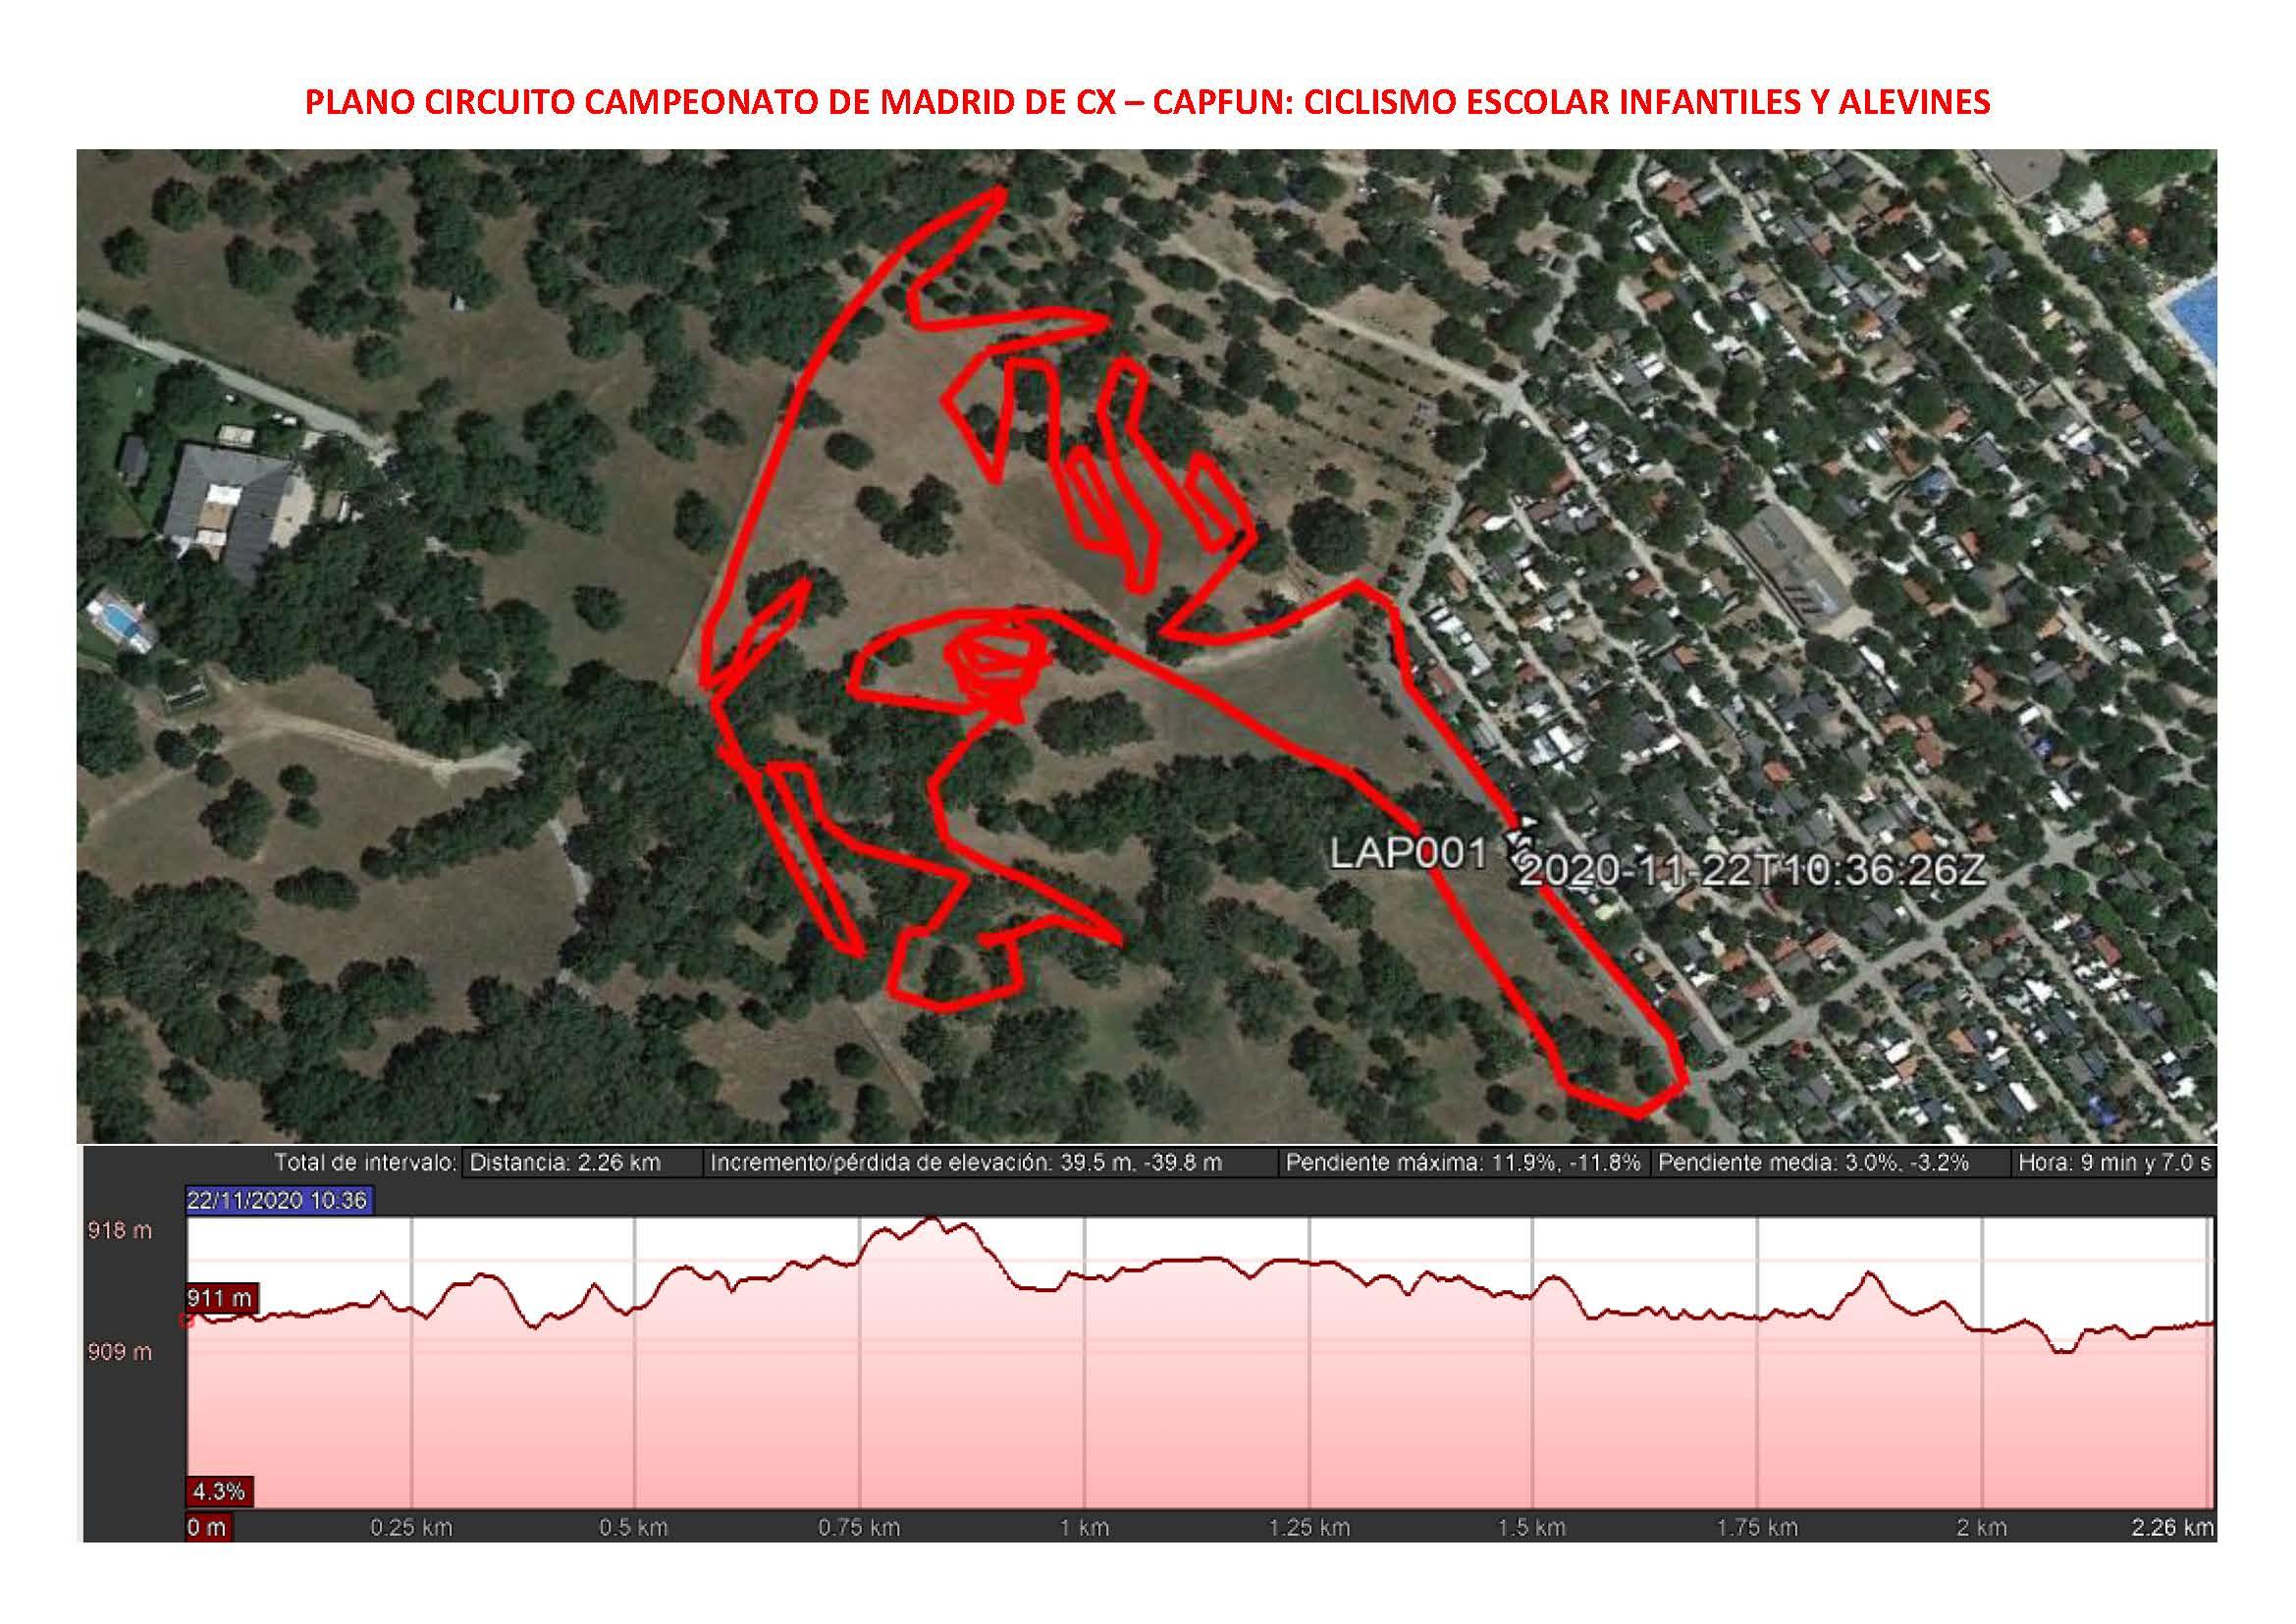 Los Campeonatos de Madrid de ciclocross para Escuelas llegan este domingo 29 de Noviembre